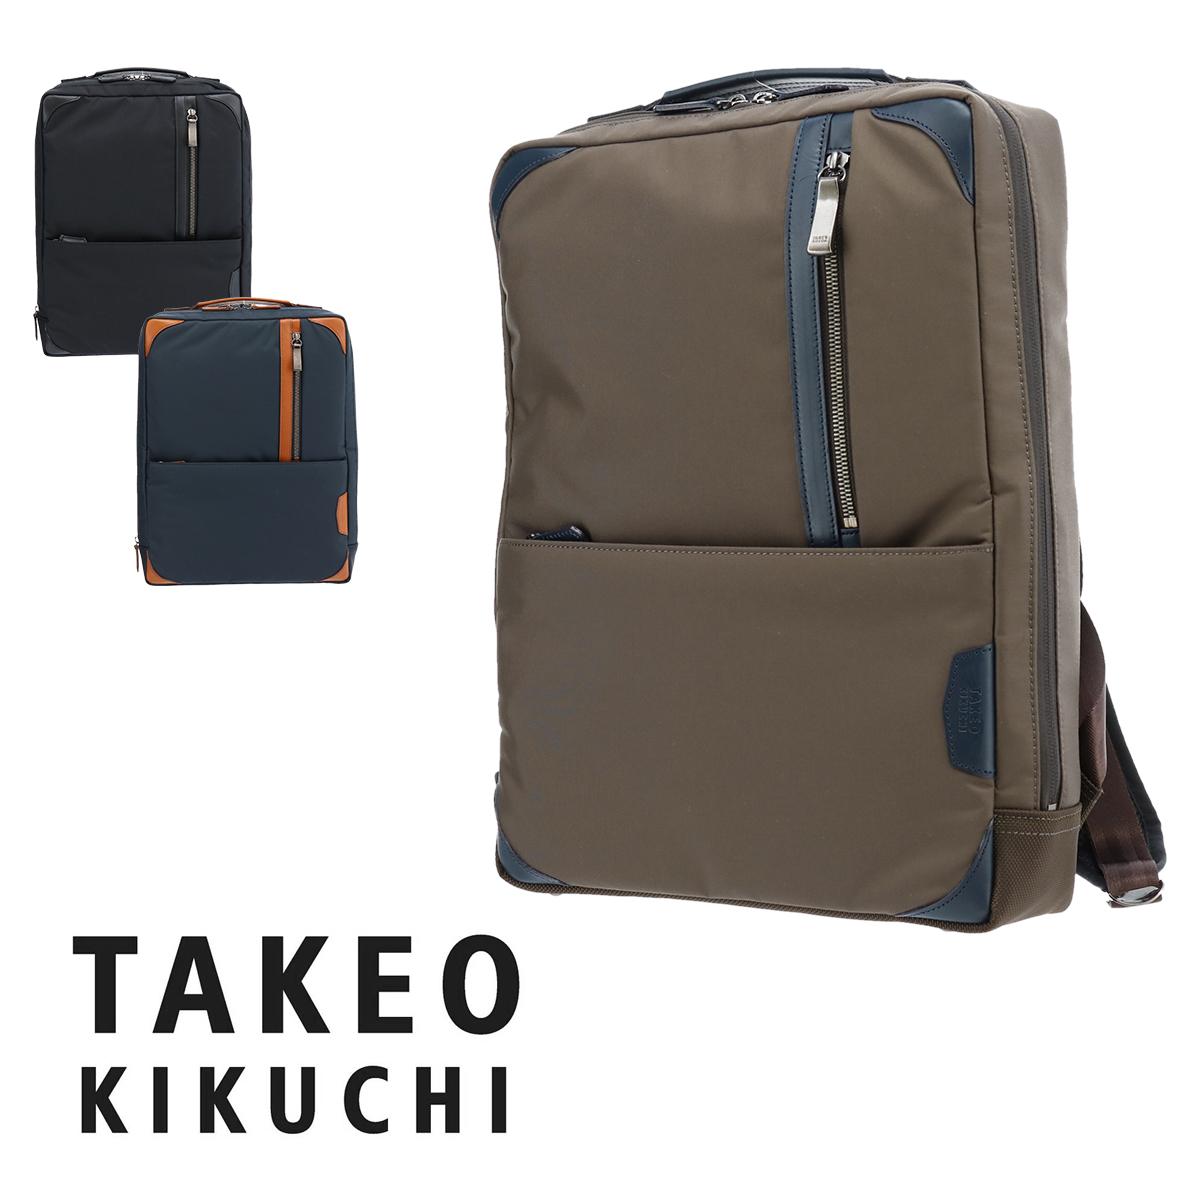 タケオキクチ リュック 2WAY メンズ 日本製 ロイズ 711731 TAKEO KIKUCHI LLOID'S A4 ビジネスバッグ ビジネスリュック キクチタケオ [PO5][bef]